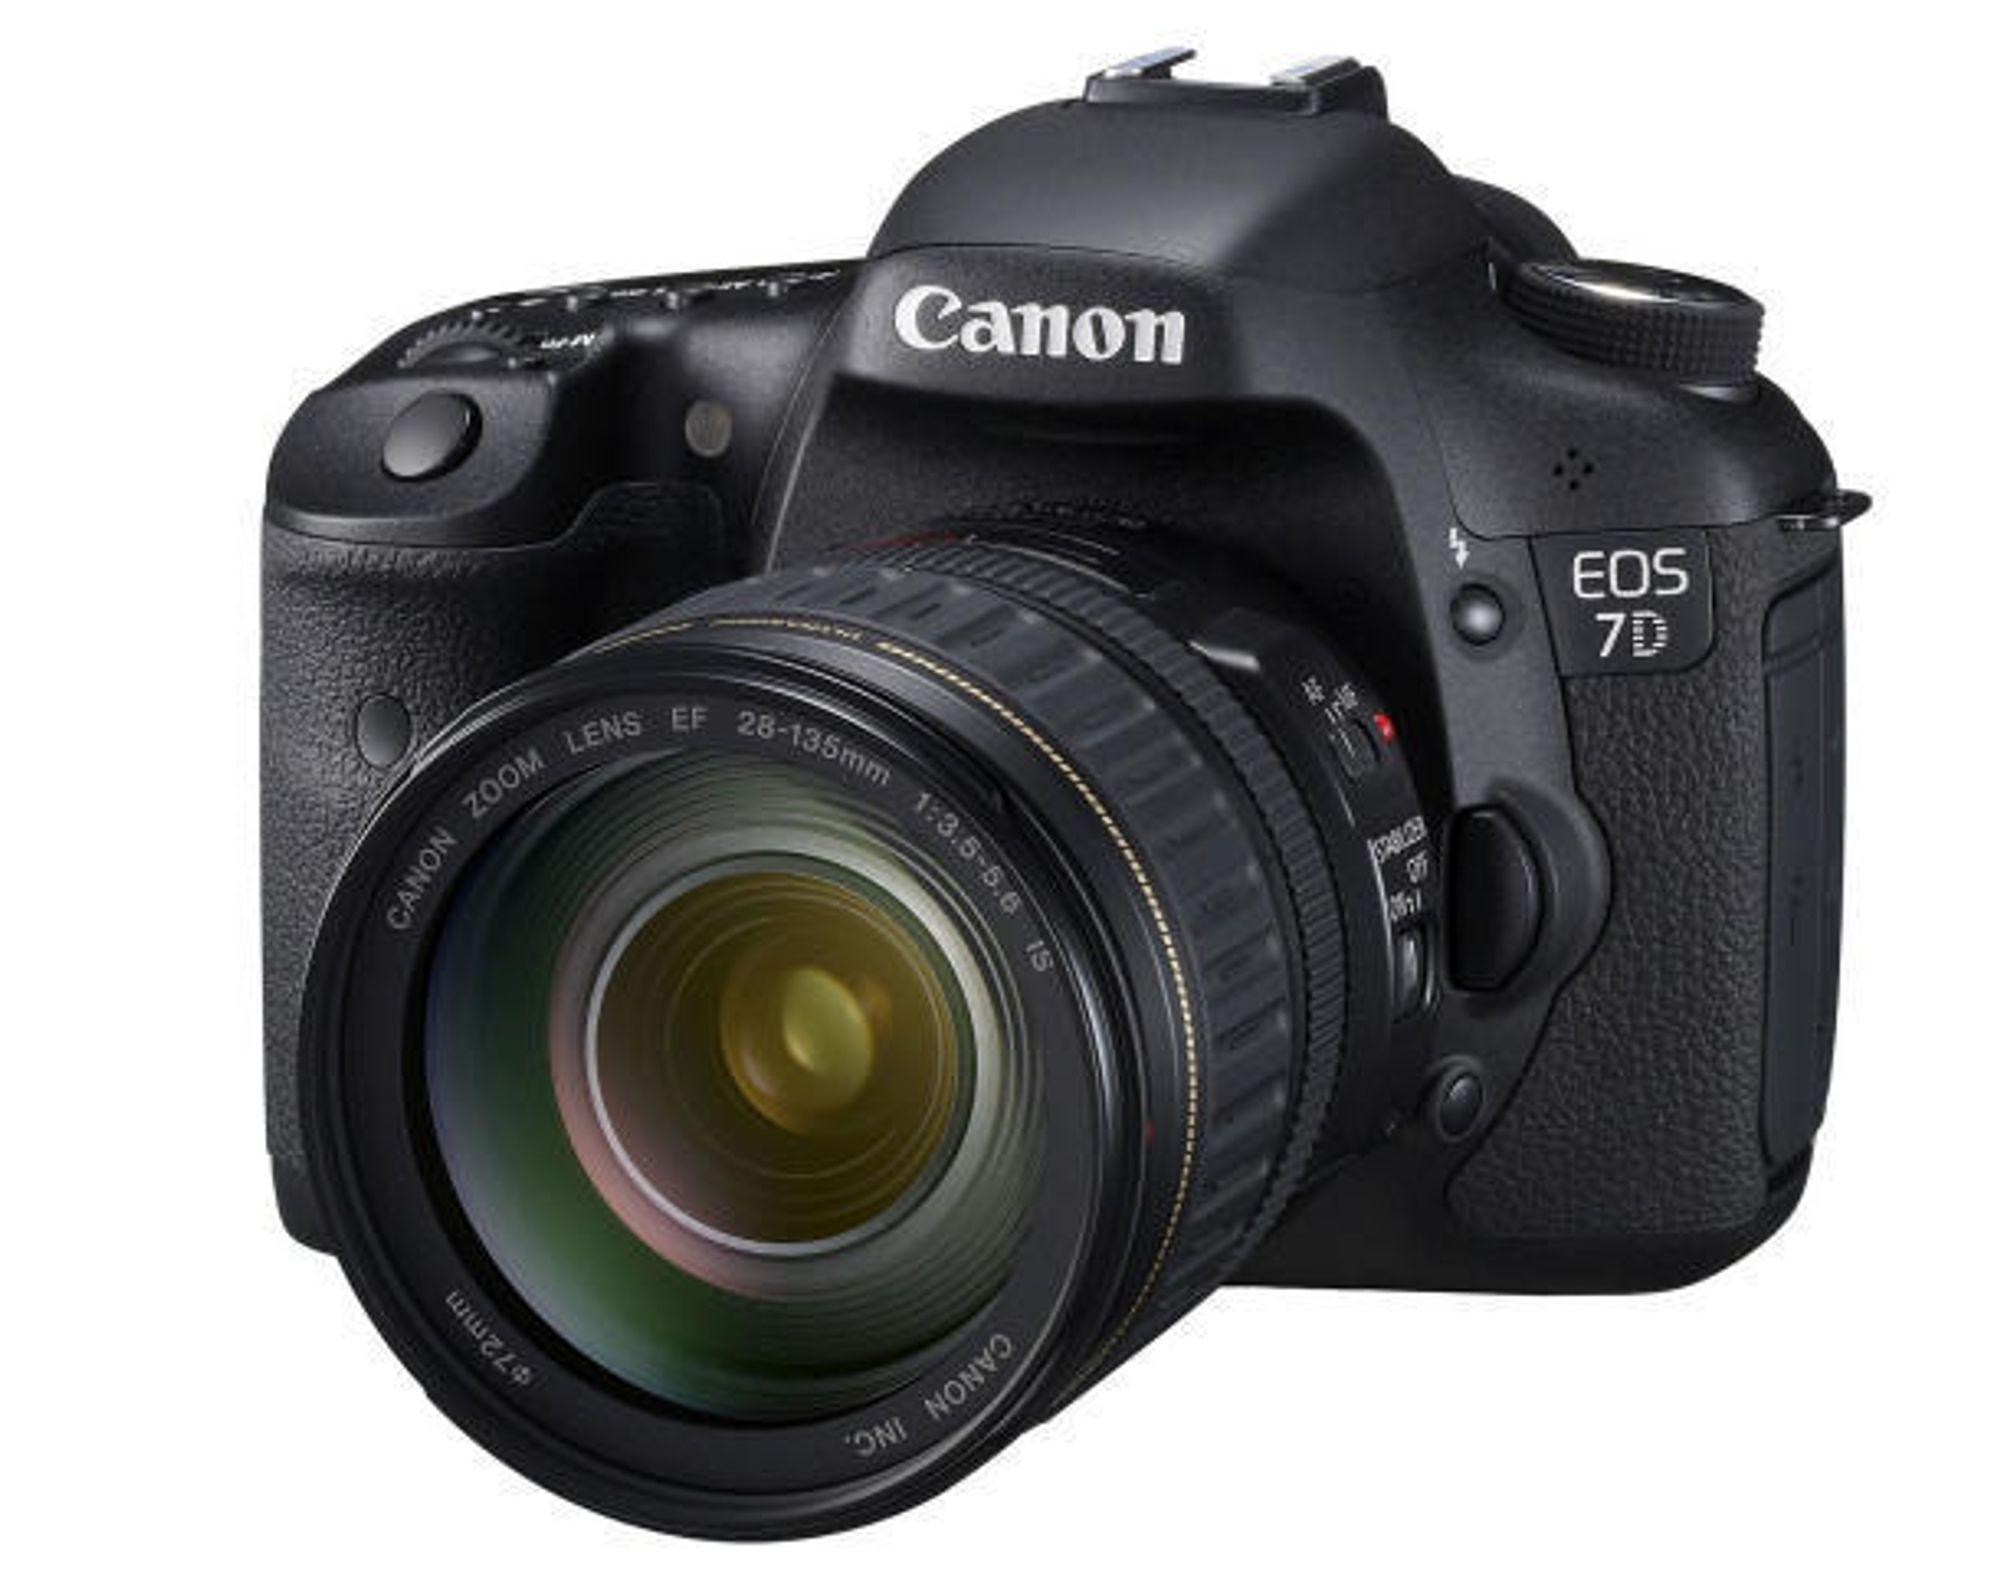 7D: Du kan filme i HD-kvalitet.